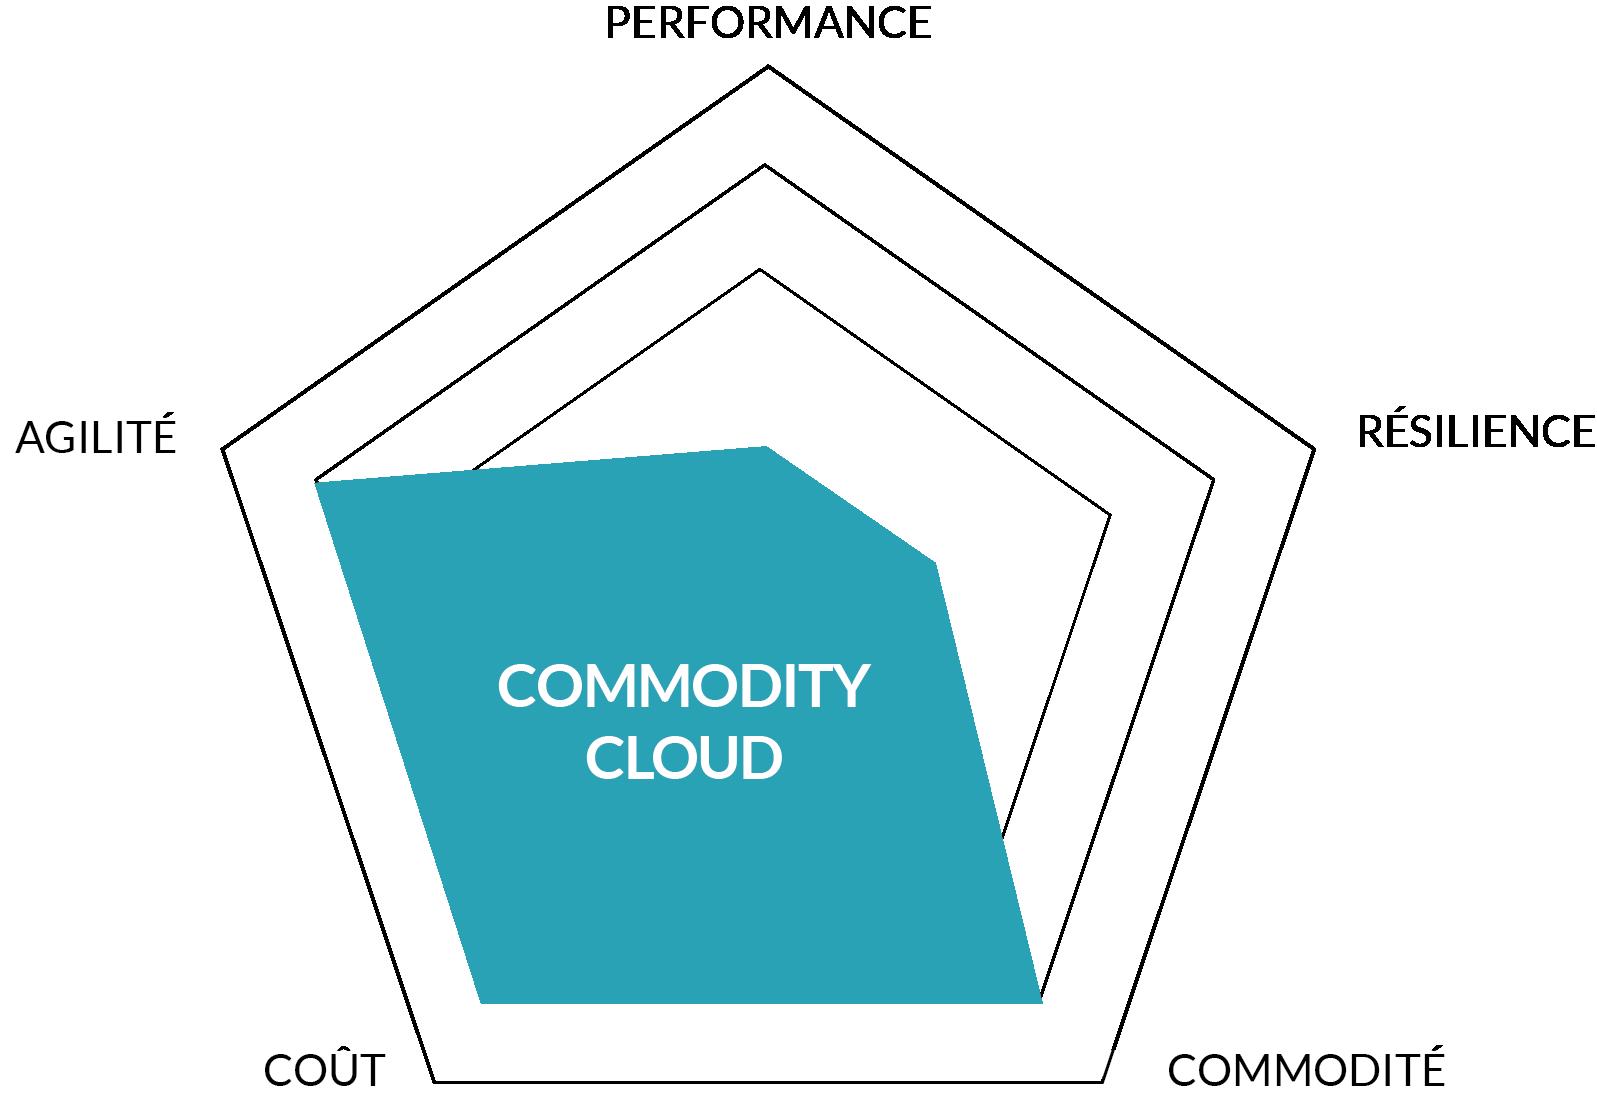 Le commodity cloud représente une proposition de valeur très différente